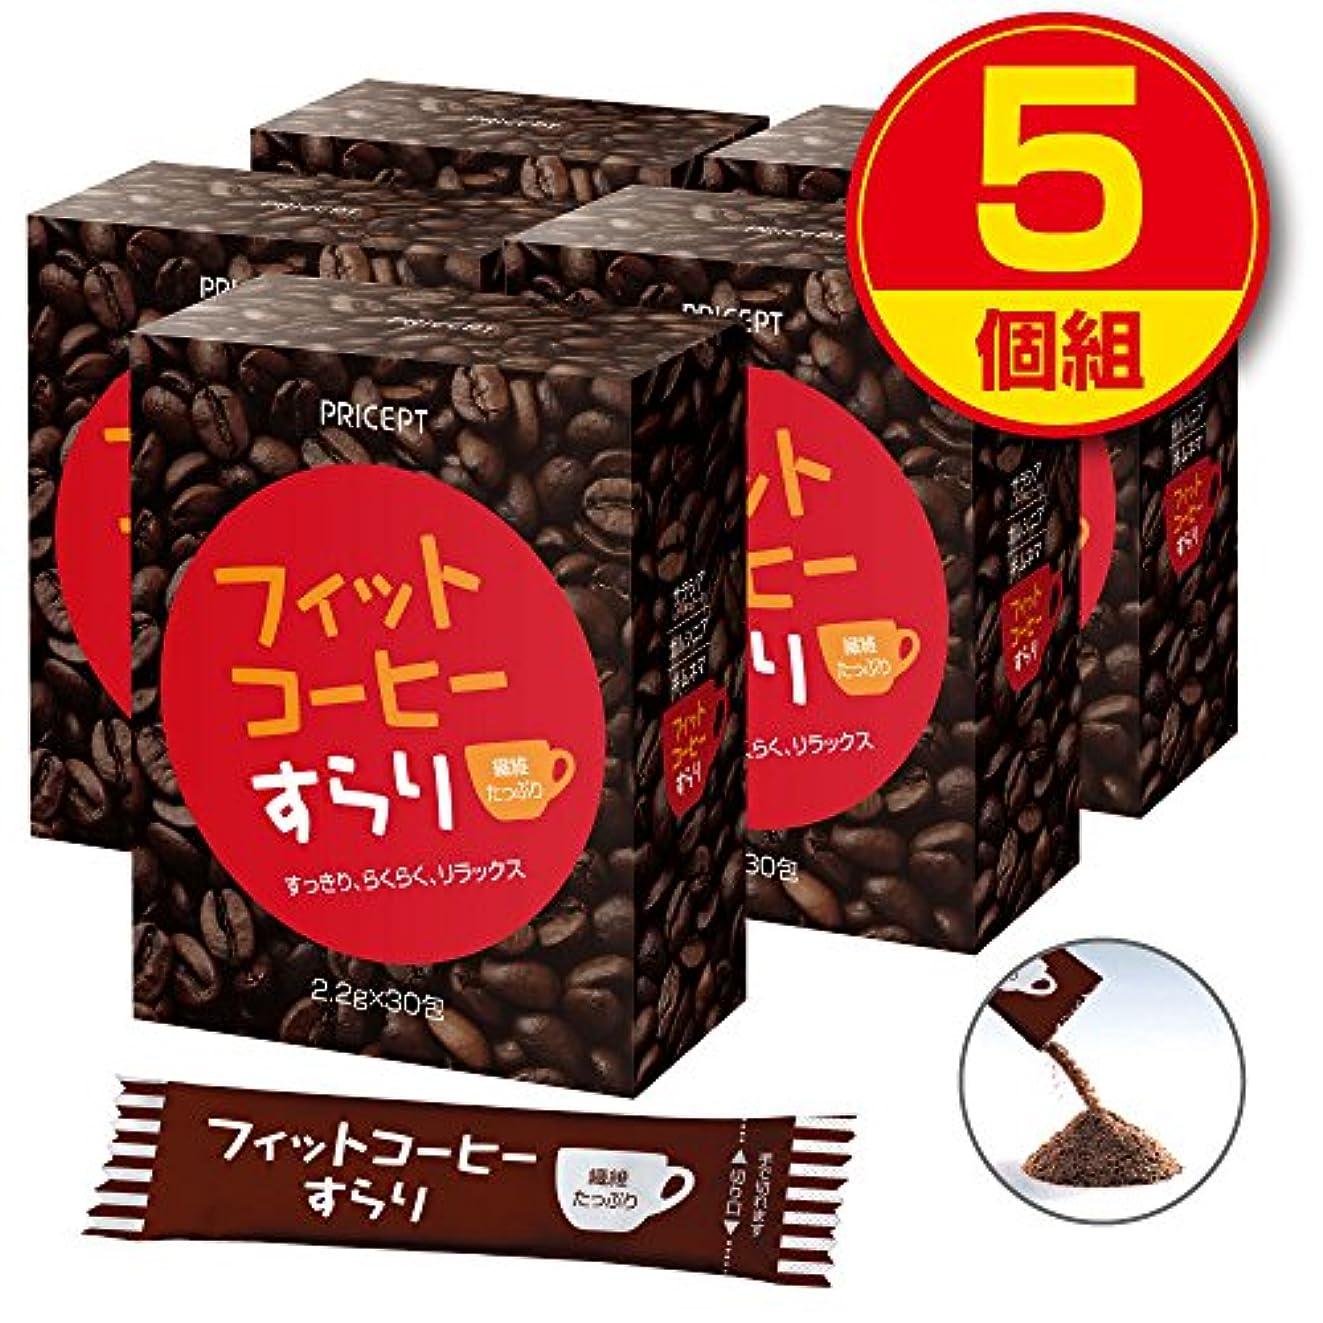 ずんぐりしたパブバイソンプリセプト フィットコーヒーすらり 30包【5個組(150包)】(ダイエットサポートコーヒー)